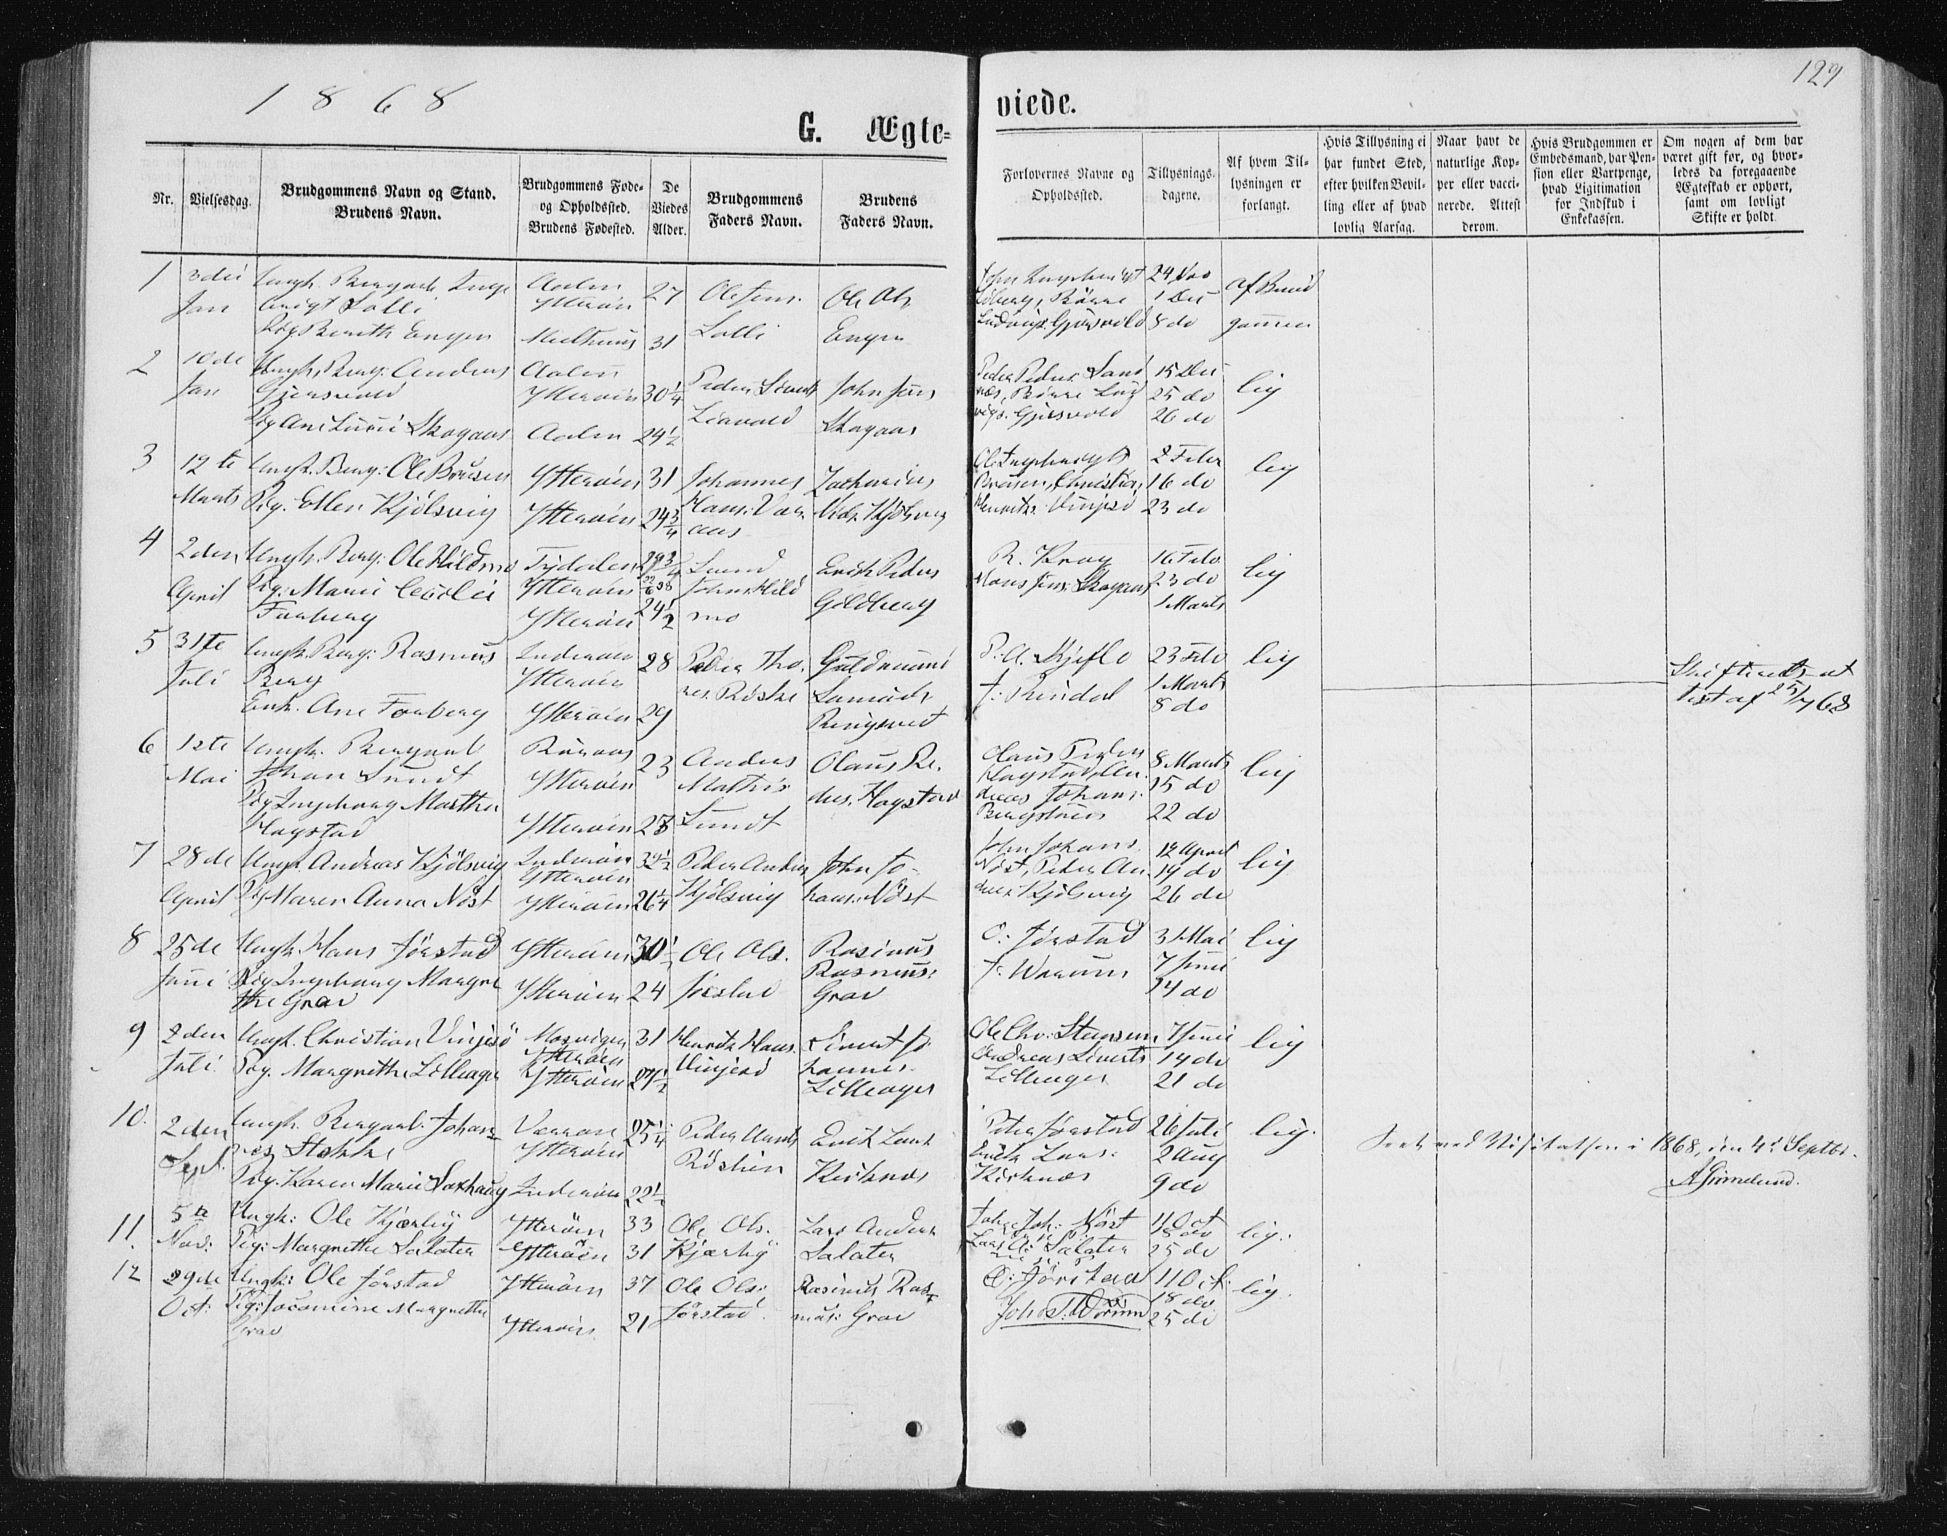 SAT, Ministerialprotokoller, klokkerbøker og fødselsregistre - Nord-Trøndelag, 722/L0219: Ministerialbok nr. 722A06, 1868-1880, s. 129